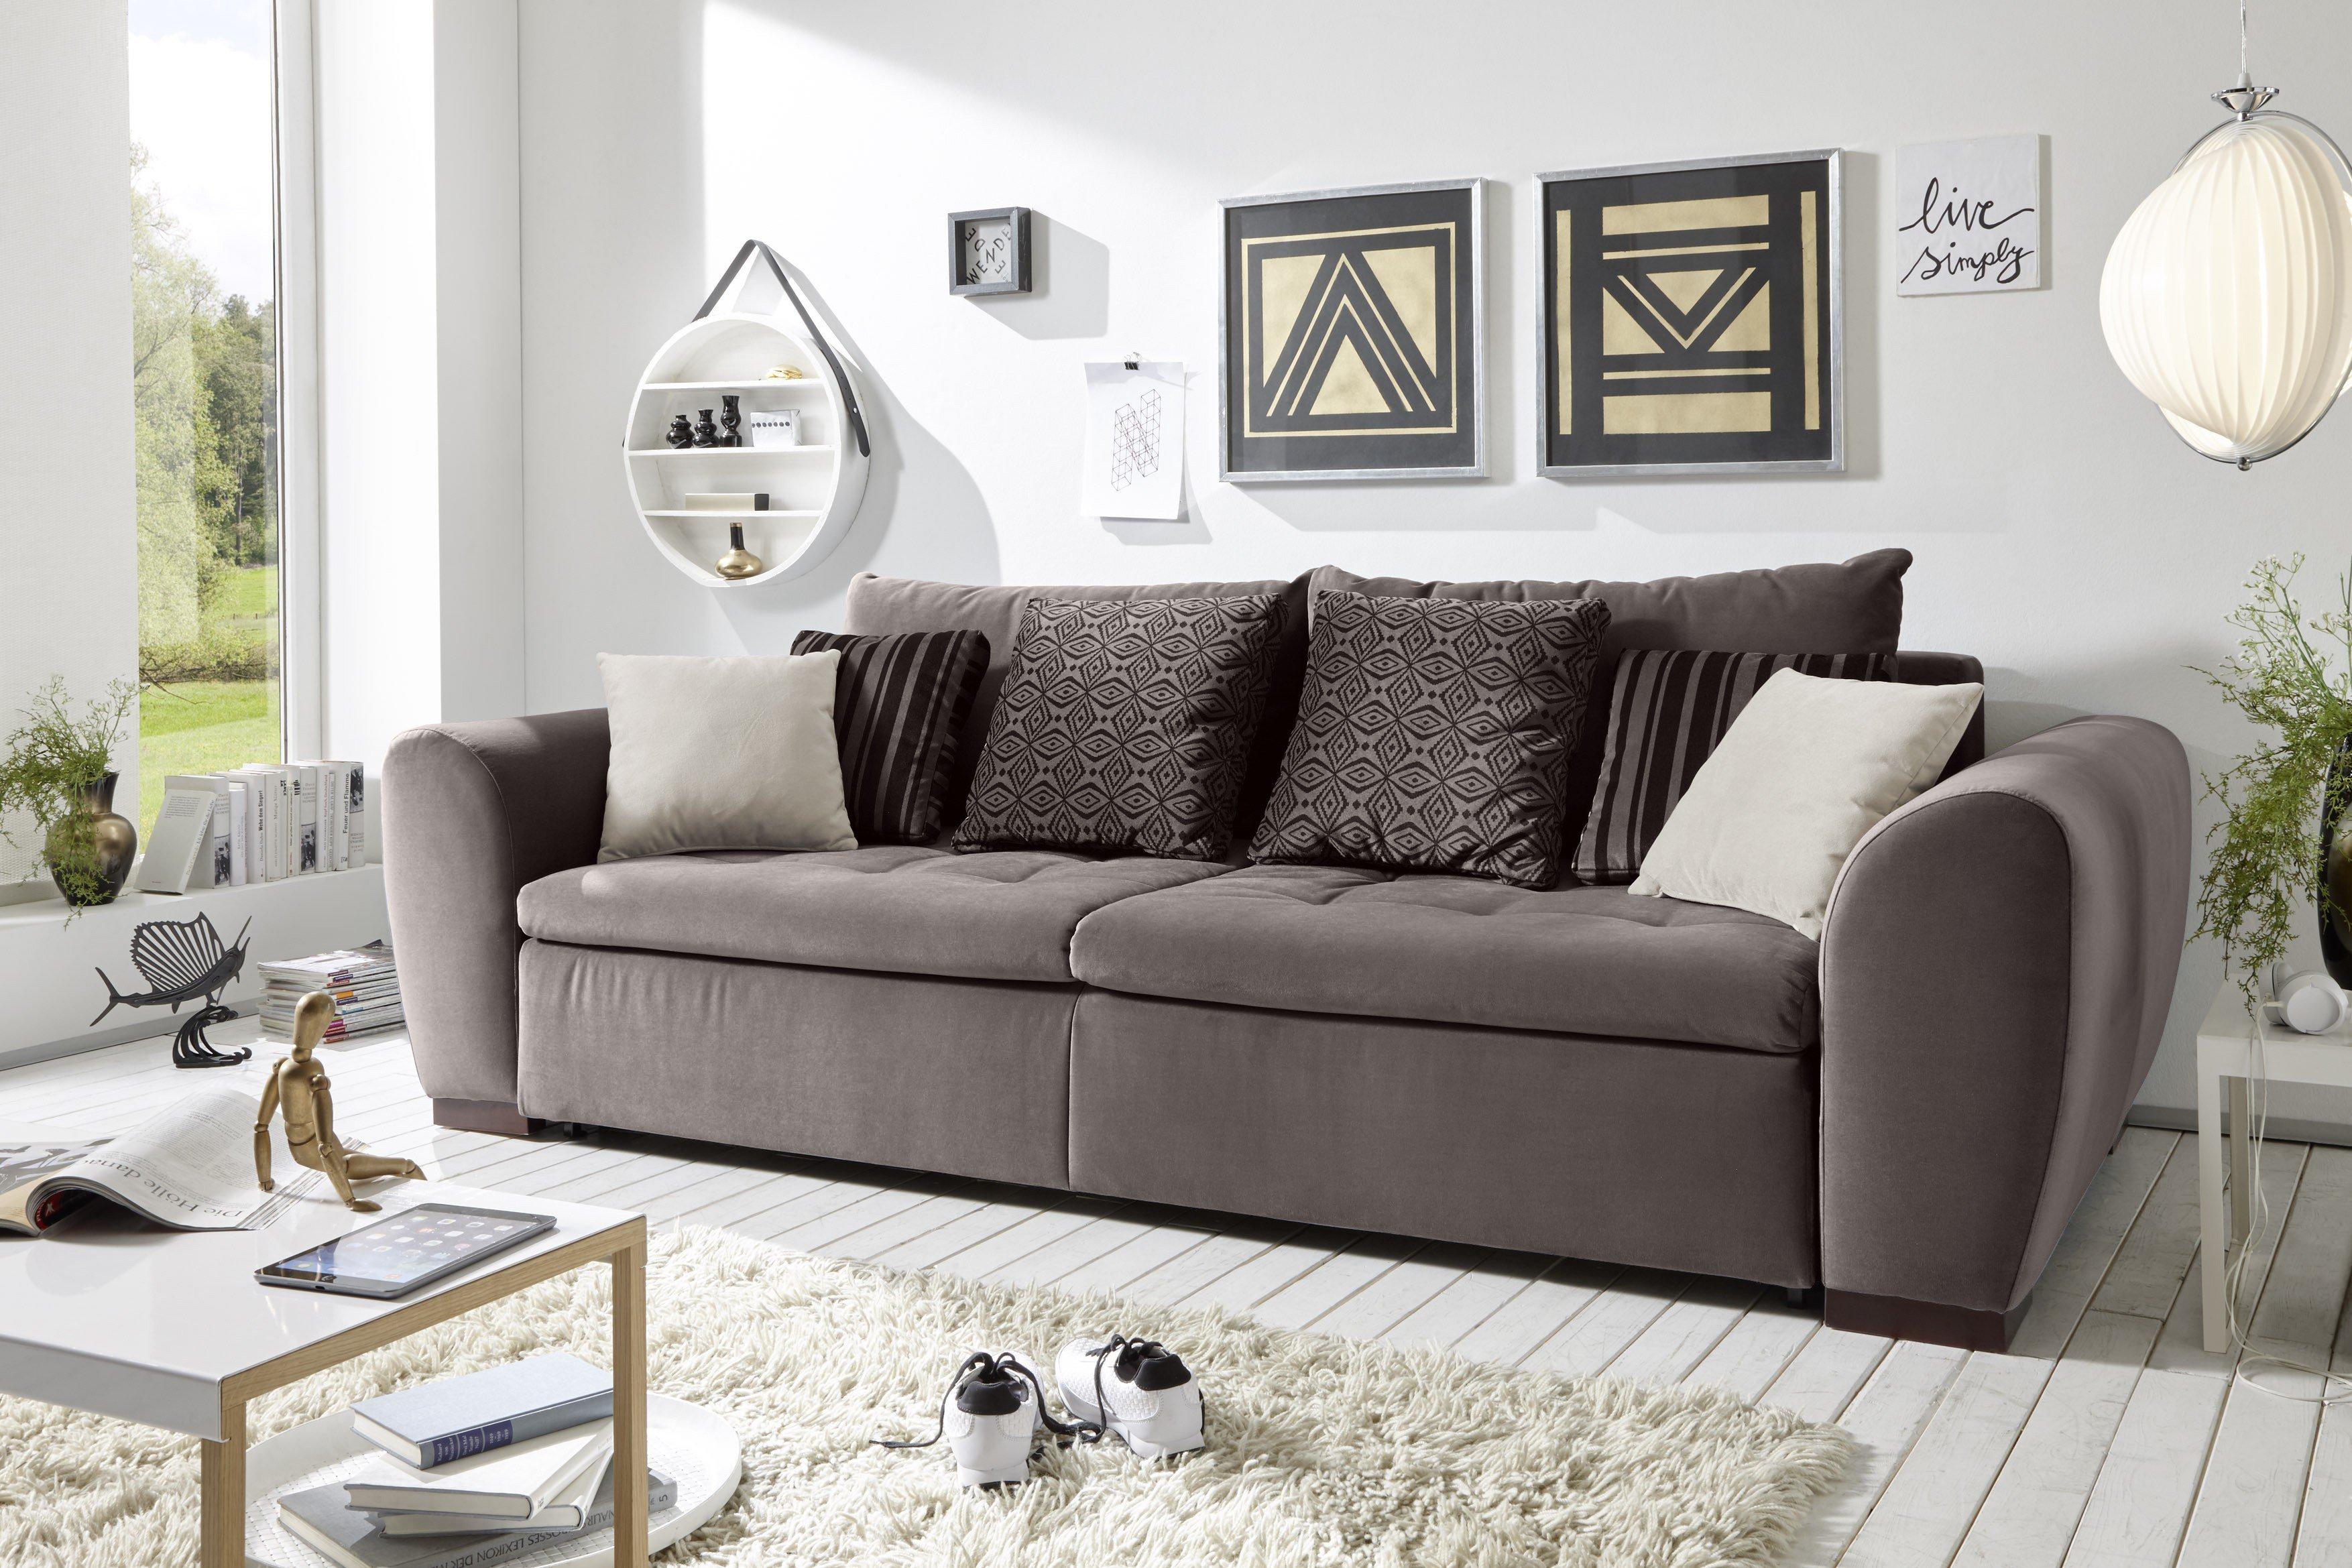 schlafsofa bigsofa gaspar von black red white in braun m bel letz ihr online shop. Black Bedroom Furniture Sets. Home Design Ideas